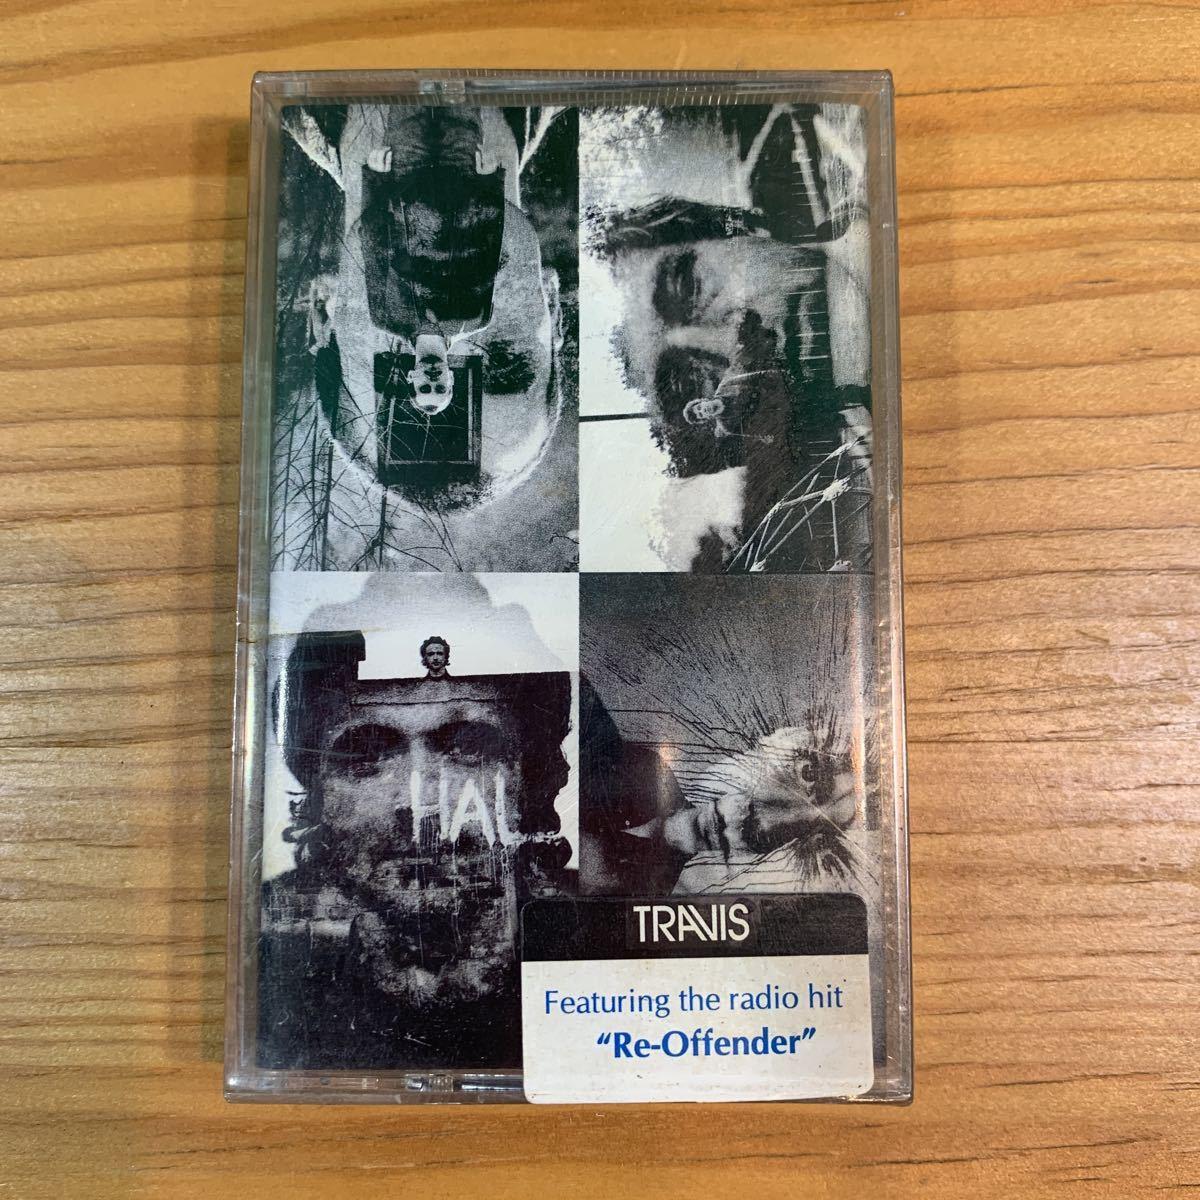 新品! Travis「12 Memories」カセットテープ 輸入盤 正規品 official トラヴィス シュリンク未開封 UK 90's レコード LP CD T-Shirt RARE!!_画像1